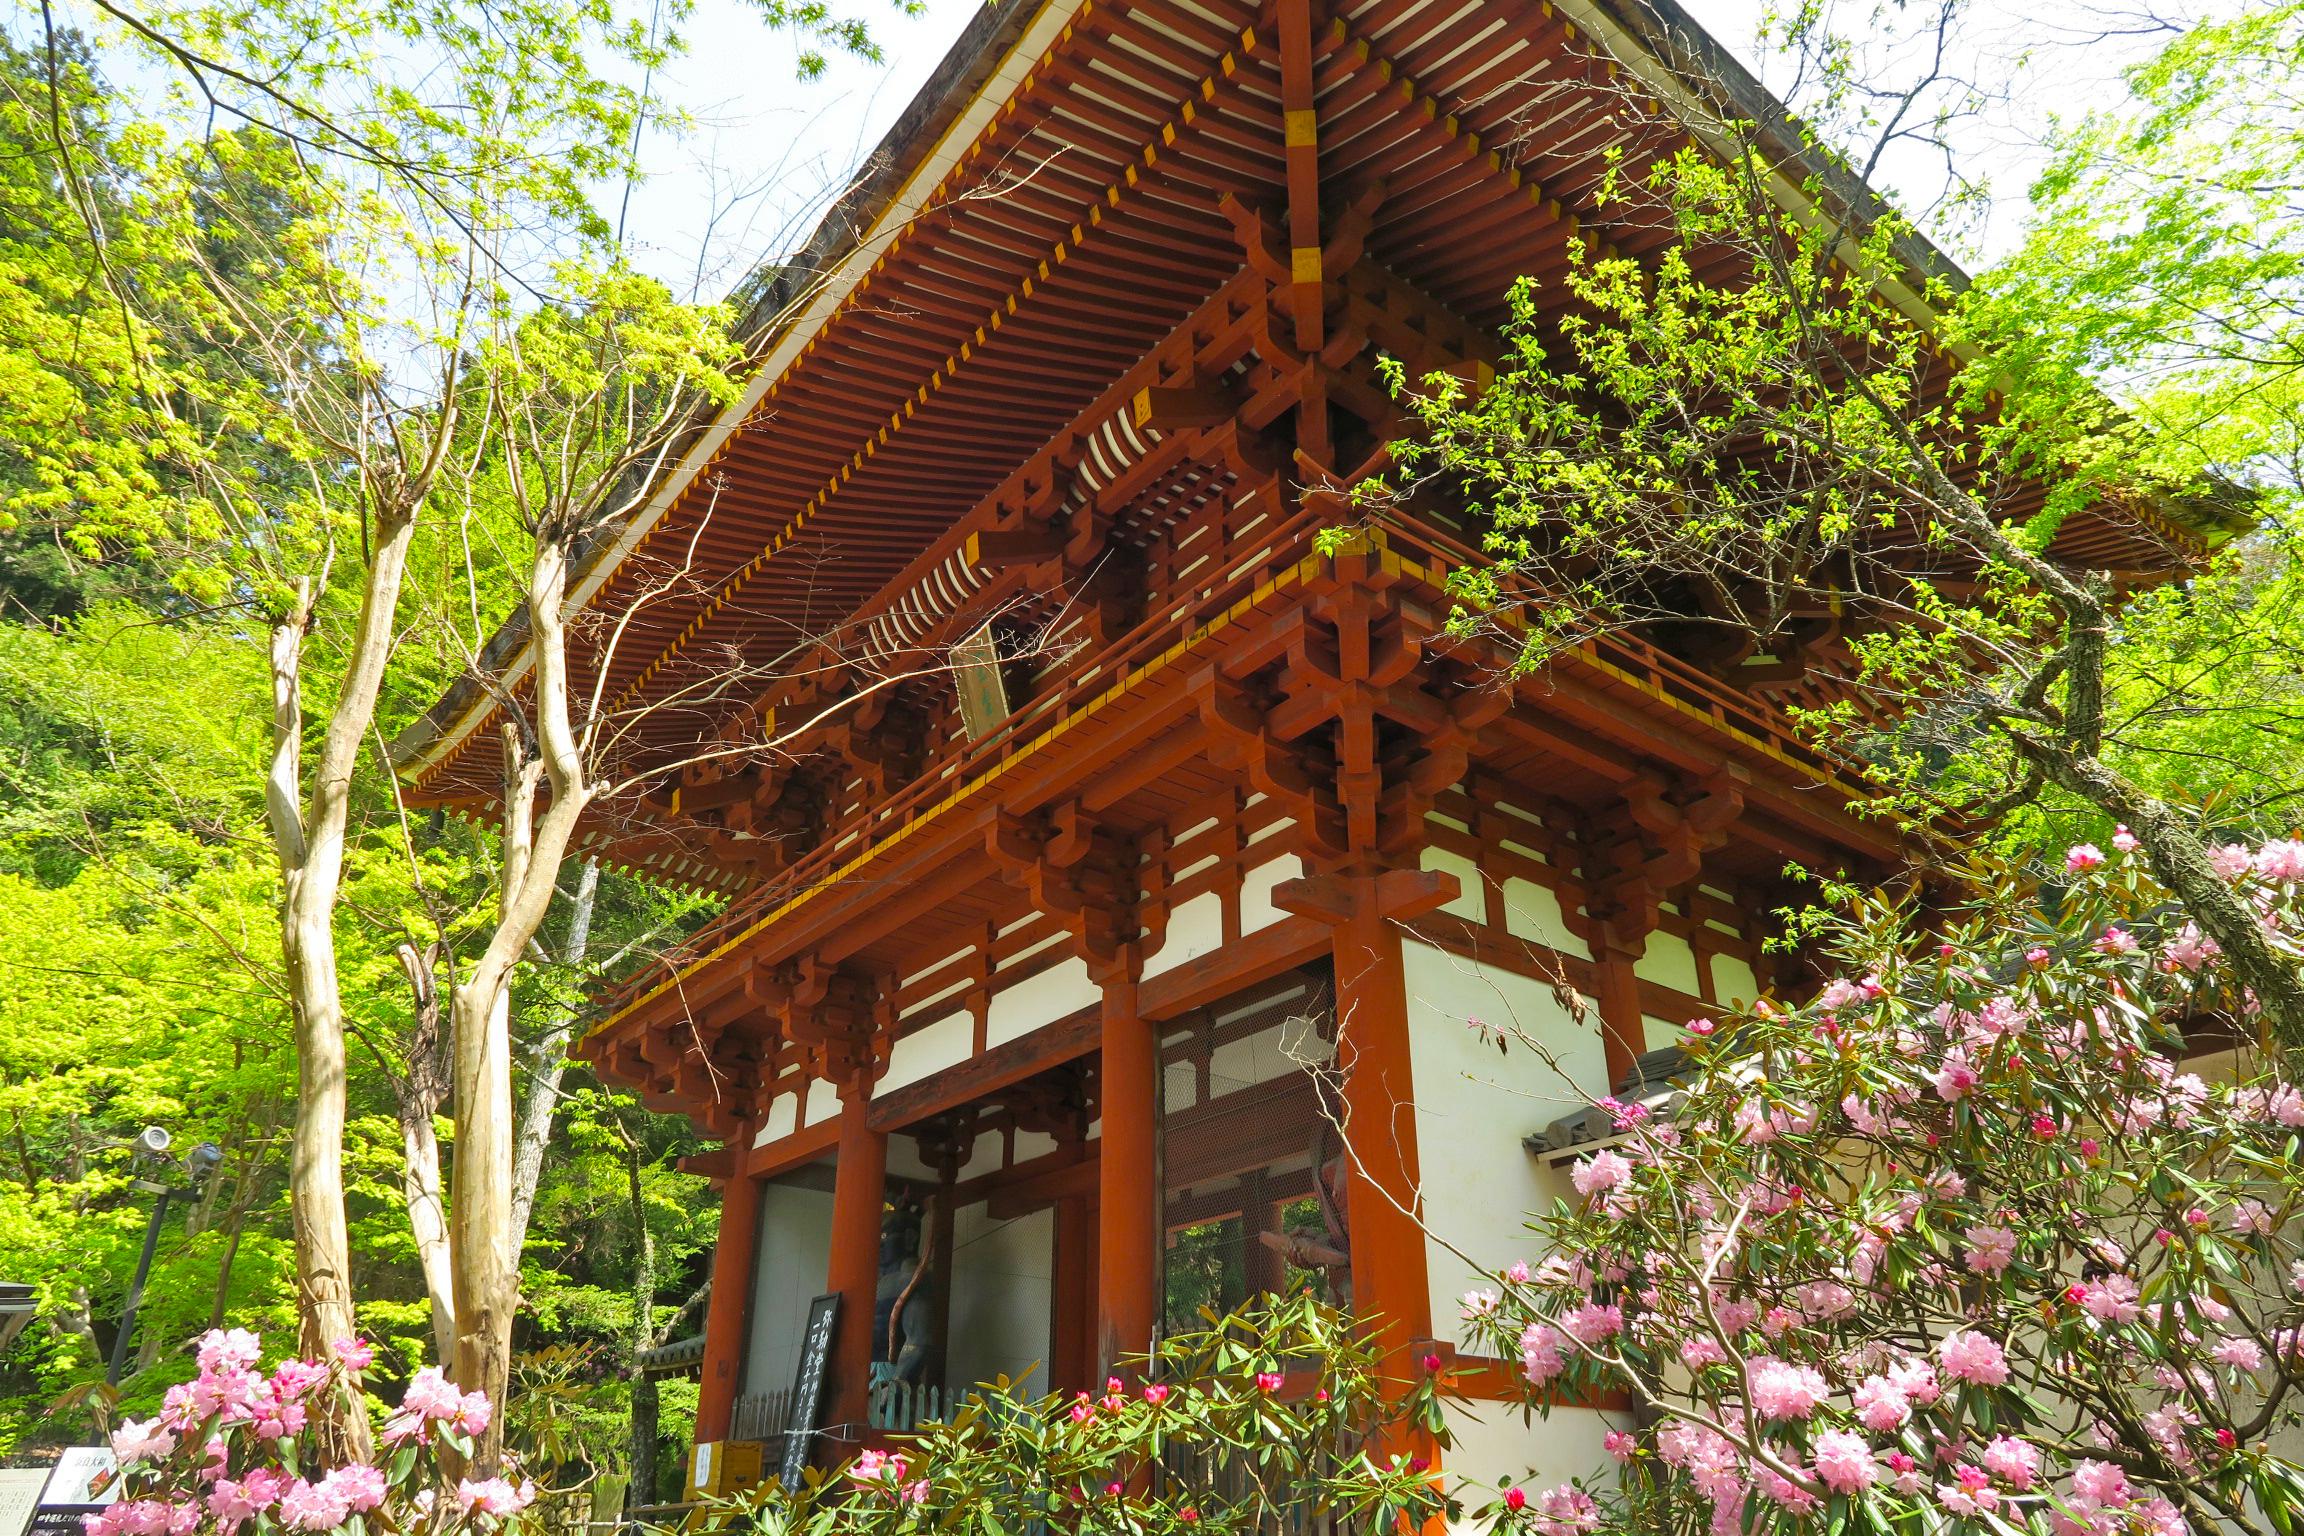 参拝受付のあと、すぐ見えてくる仁王門。昭和40年に再建されたもの。門の回りもシャクナゲが咲いています